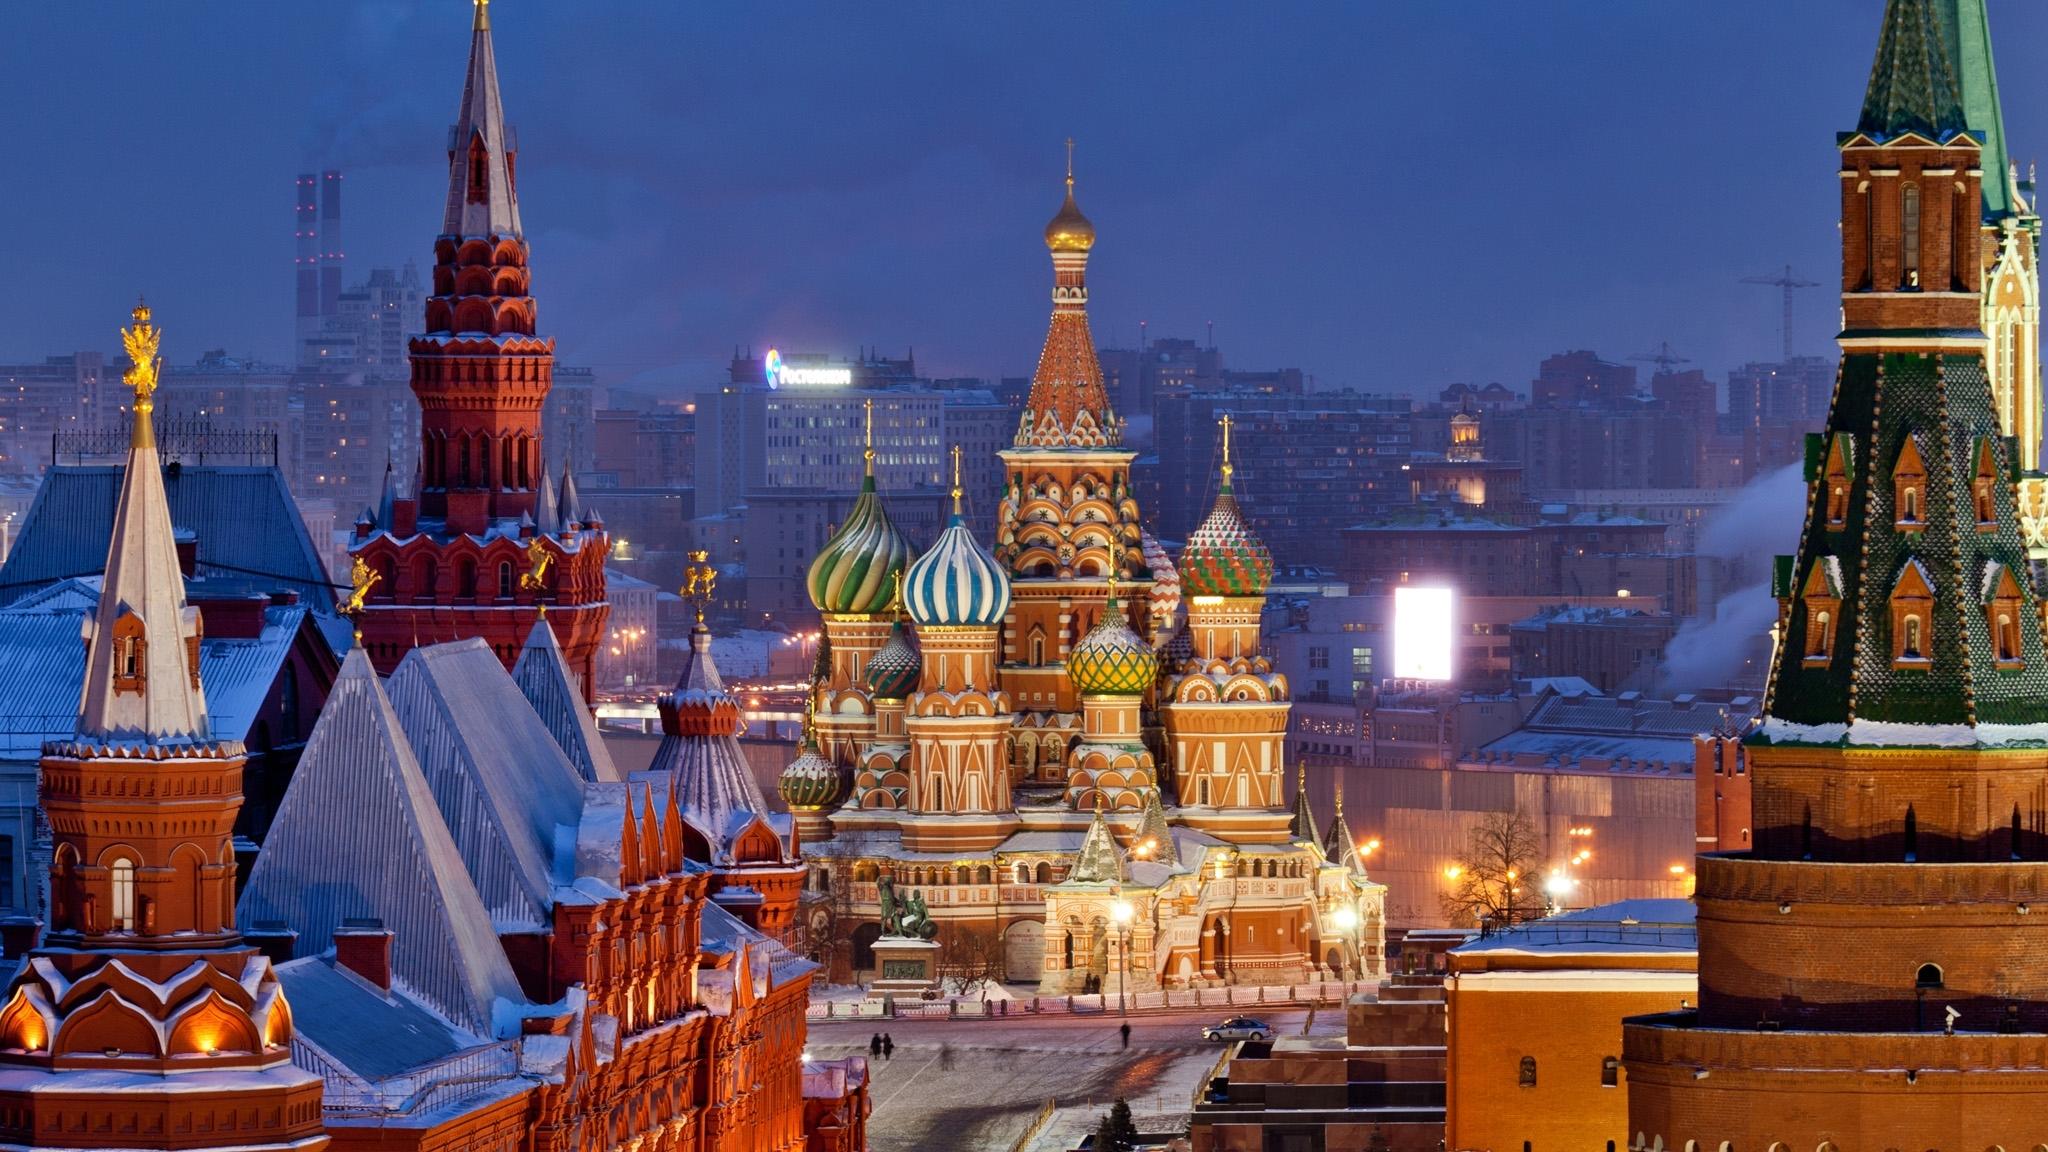 Москва стала одним из самых популярных городов по версии туристов в Instagram